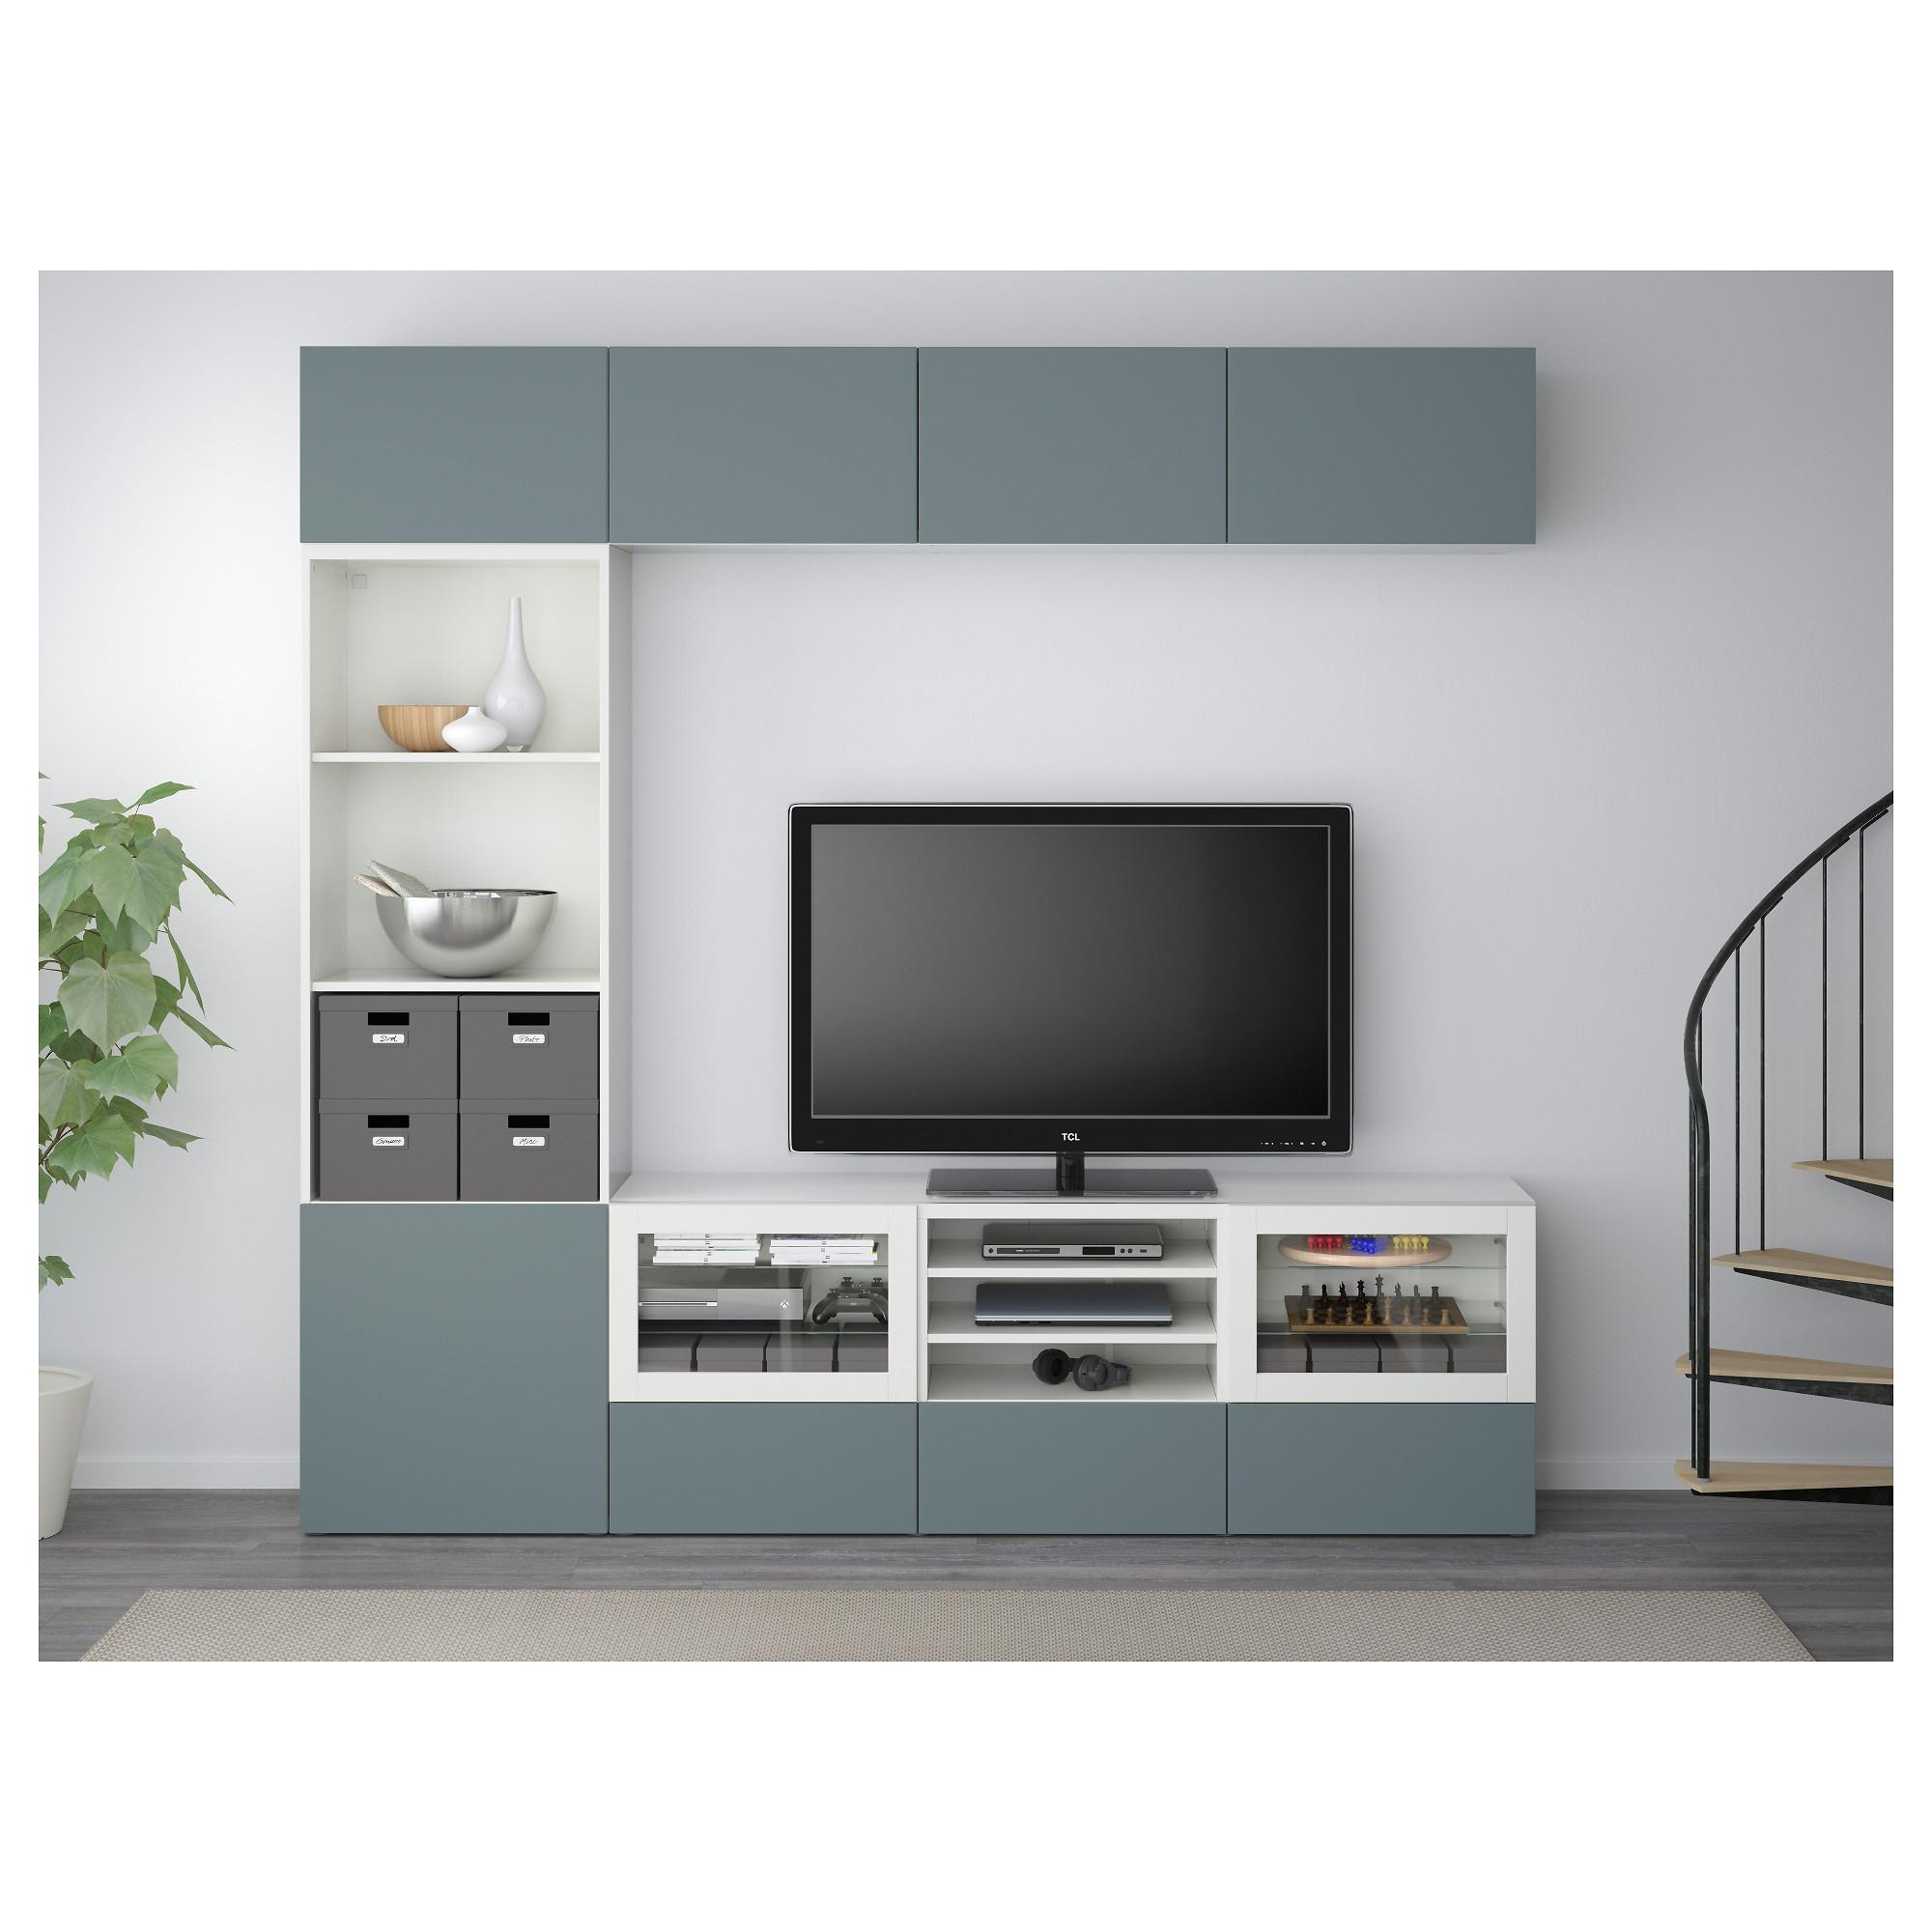 Шкаф для ТВ, комбинированный, стекляные дверцы БЕСТО белый артикуль № 692.462.50 в наличии. Онлайн магазин ИКЕА РБ. Быстрая доставка и установка.